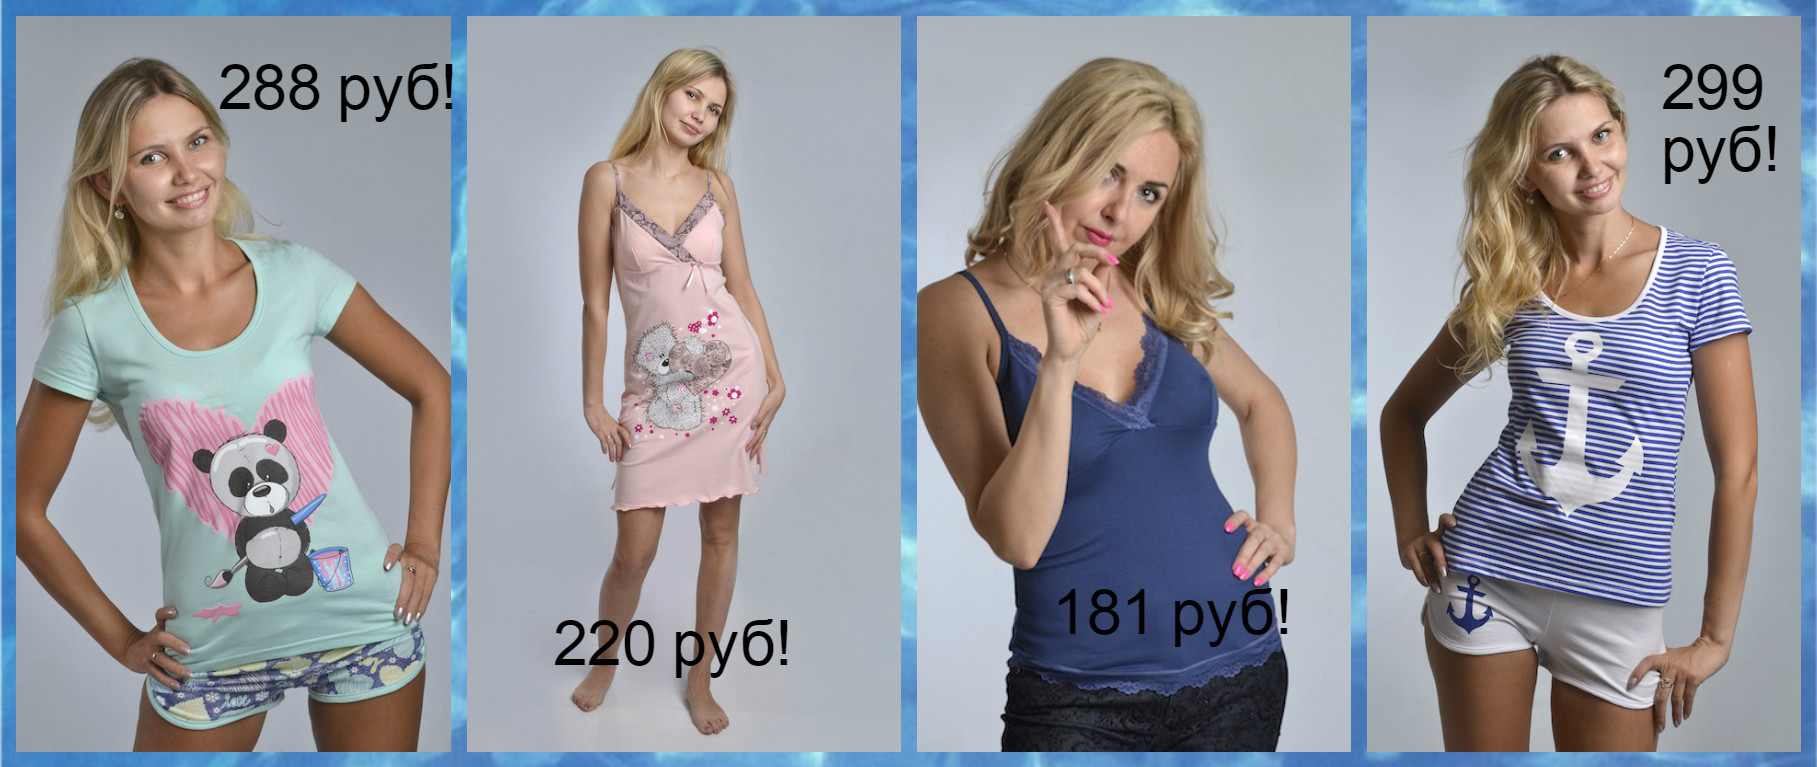 Качественный и недорогой женский трикотаж! Чудные комплекты, пижамки, майки и не только от 181 руб!